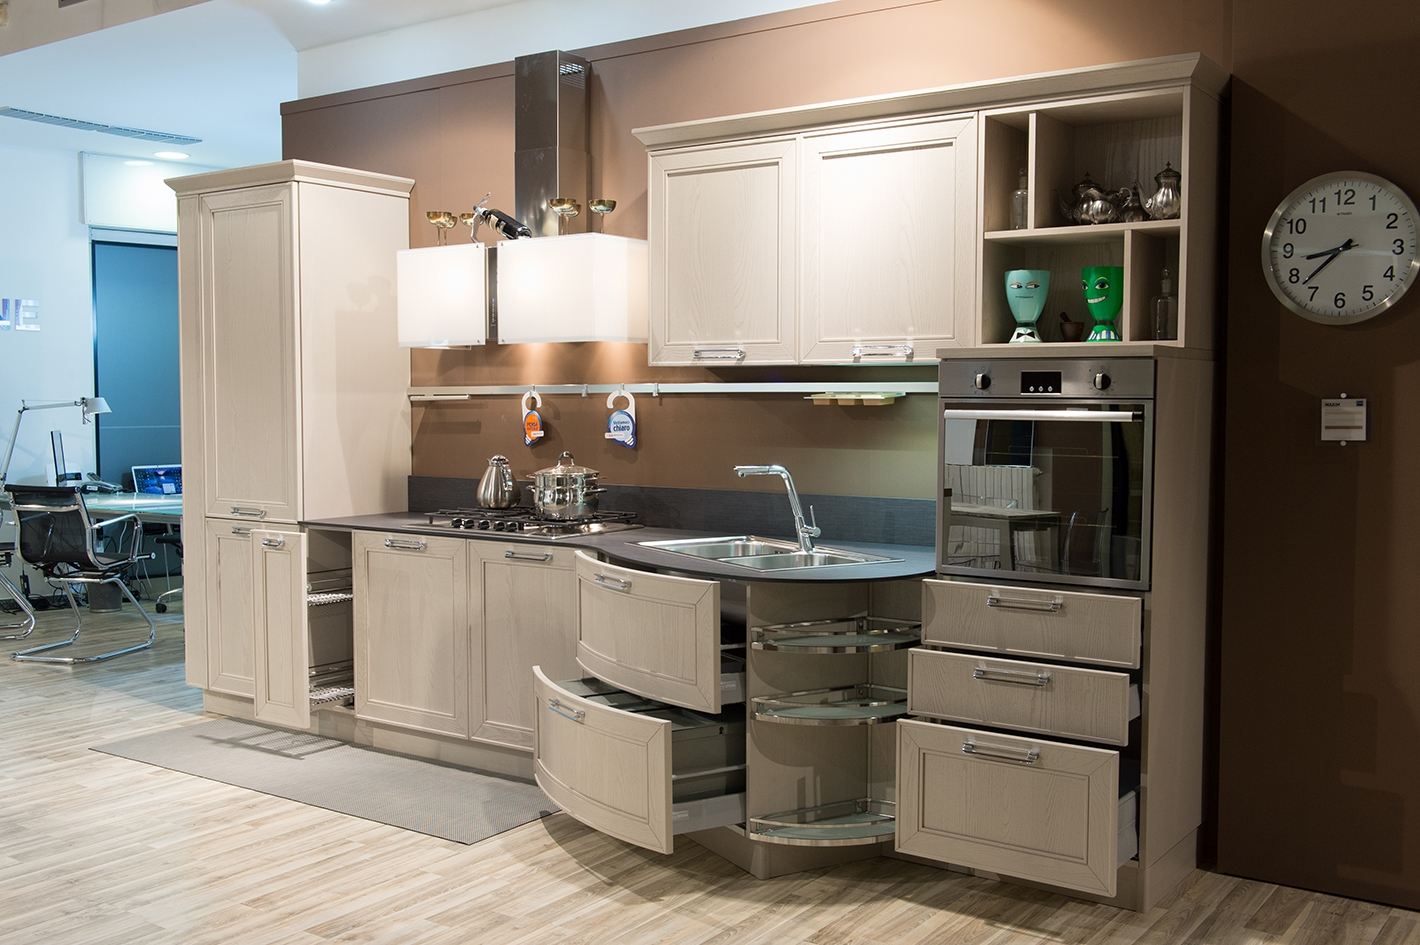 Stosa cucine cucina maxim classica legno cucine a prezzi for Cucine in offerta prezzi